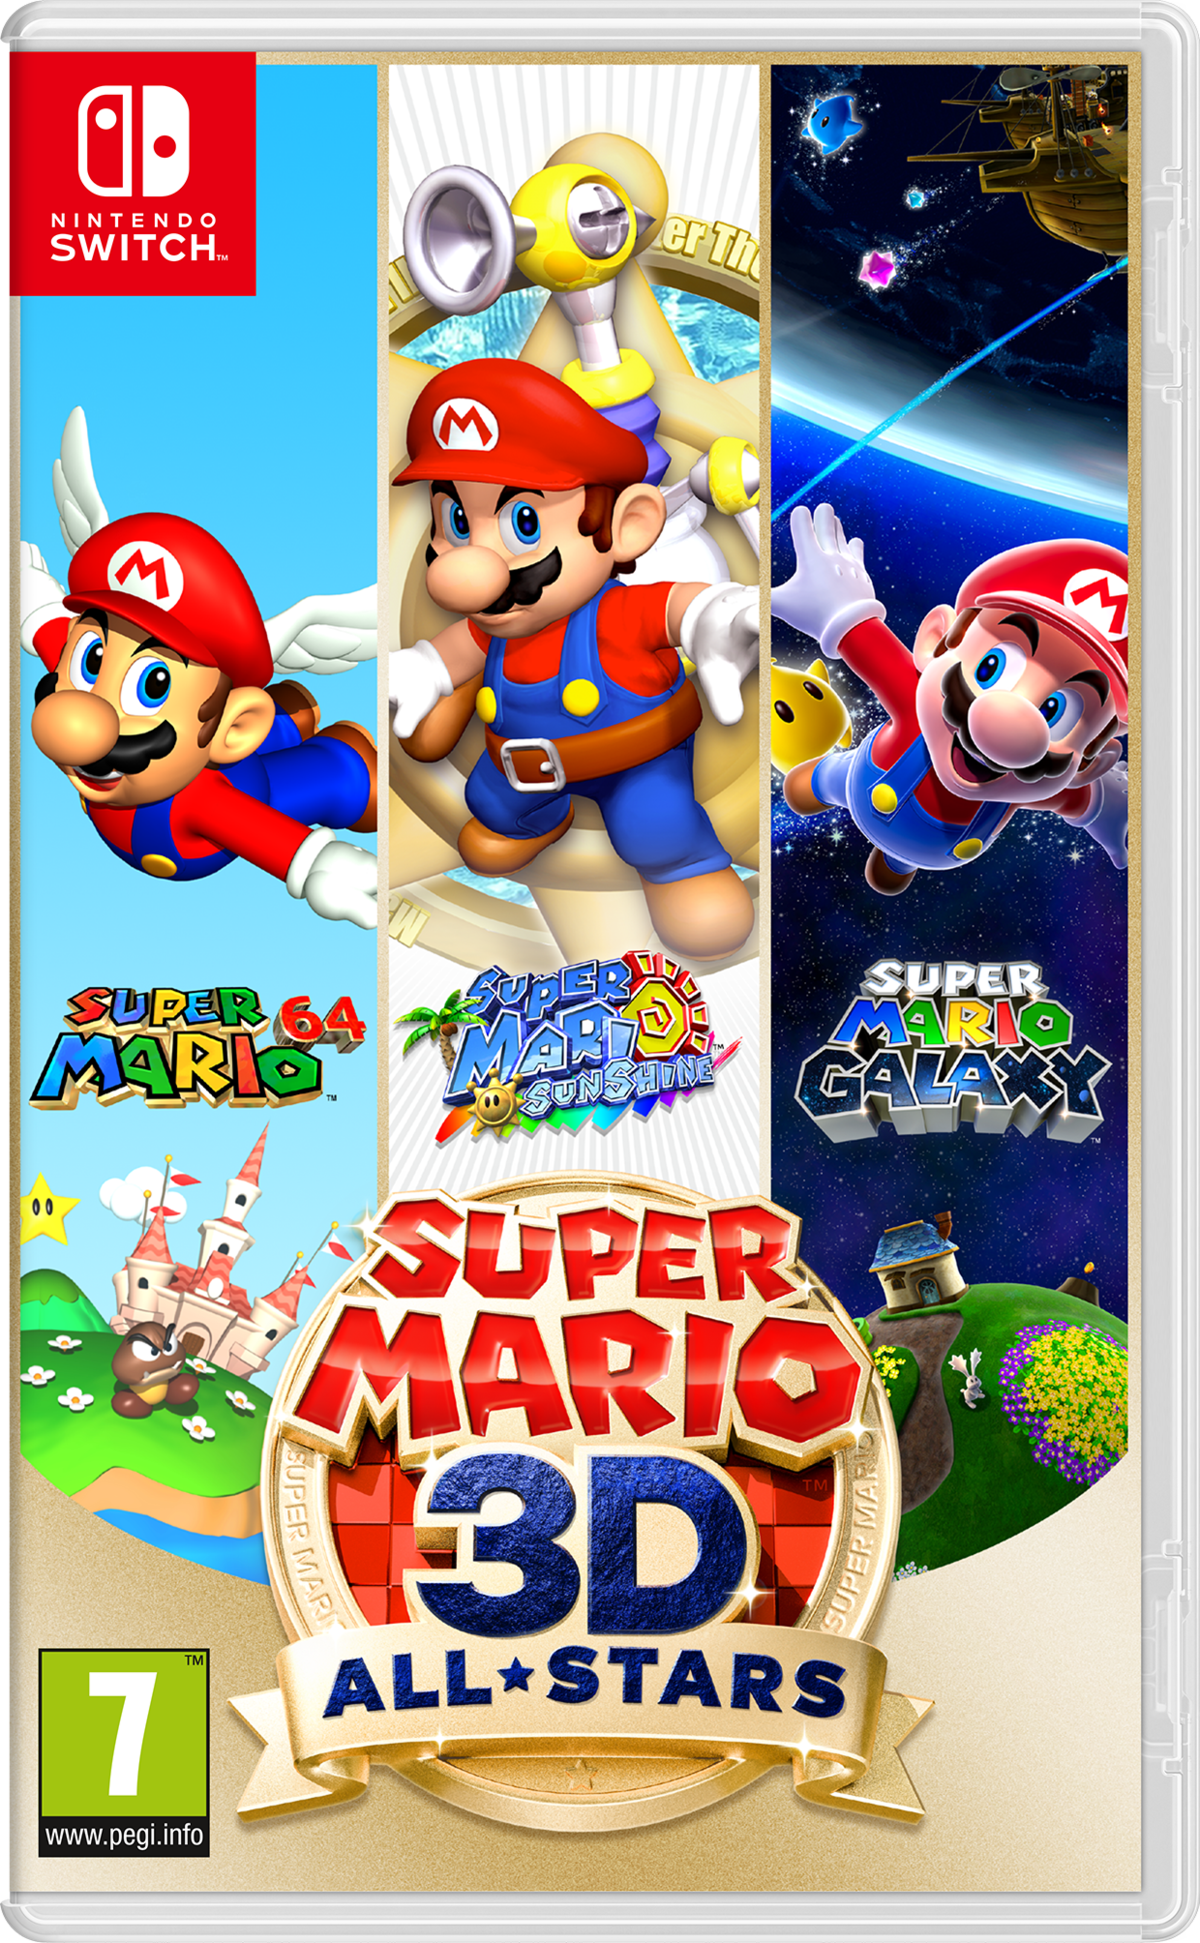 Super Mario 3D All-Stars - Wikipedia